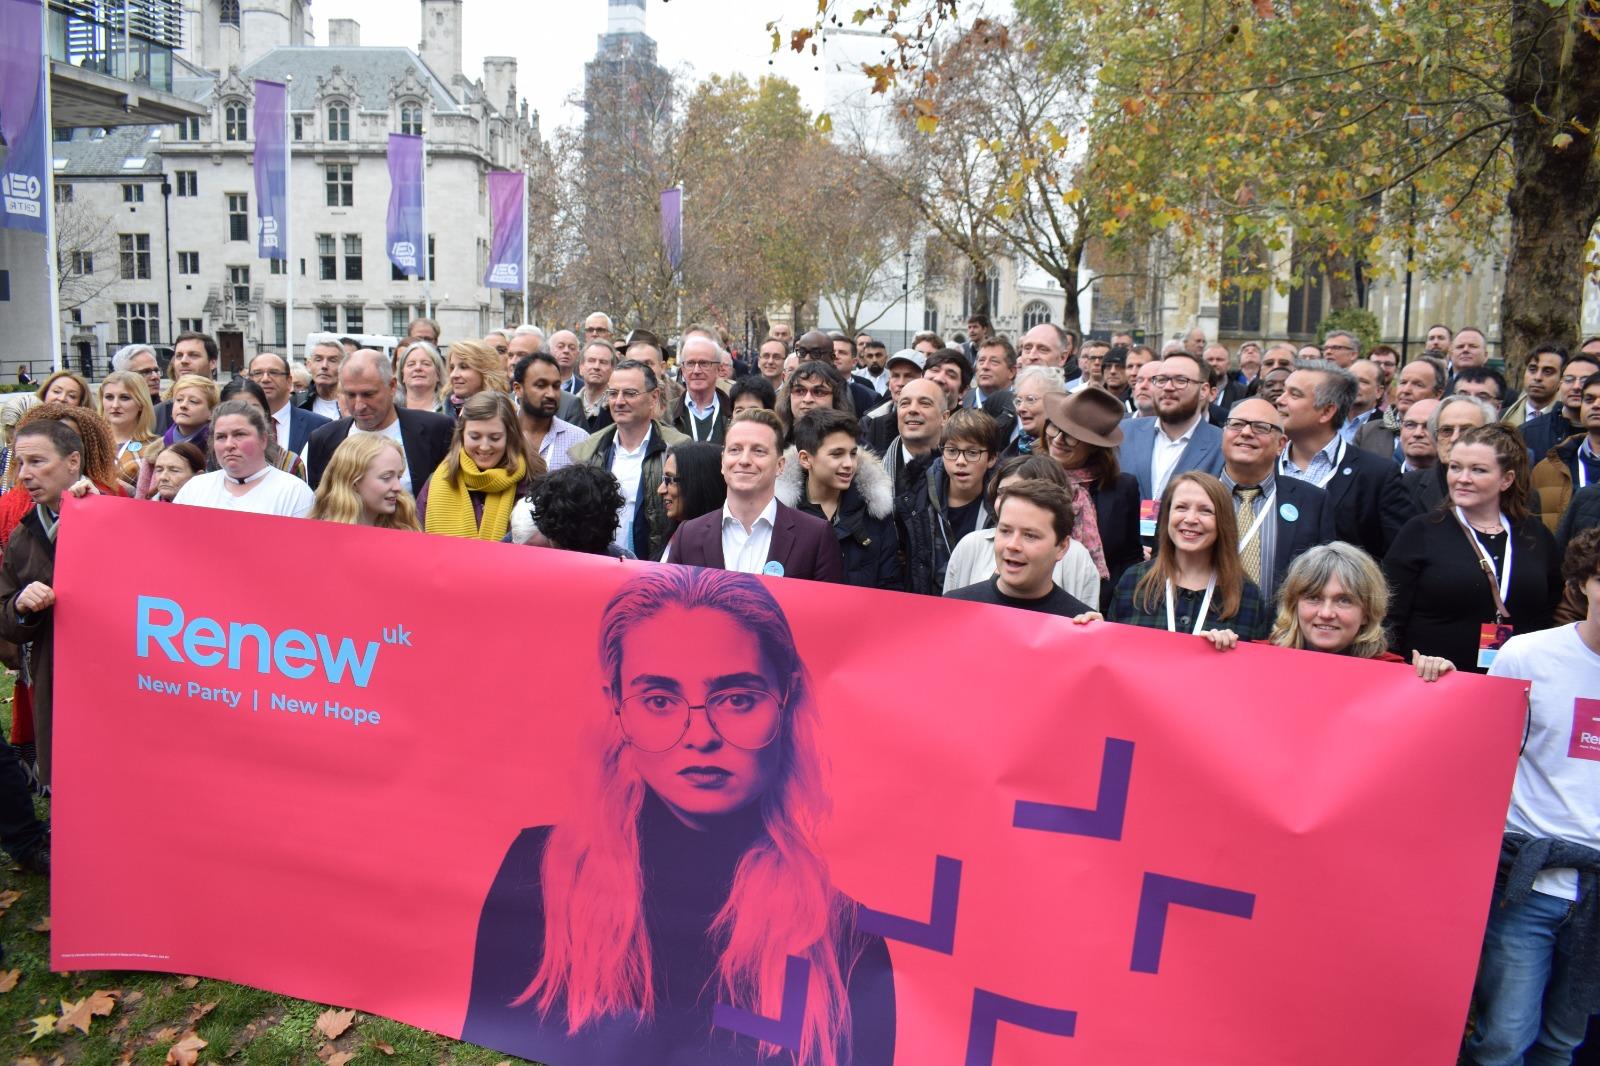 Campaign for Carla in Crosby - Saturday 9th November